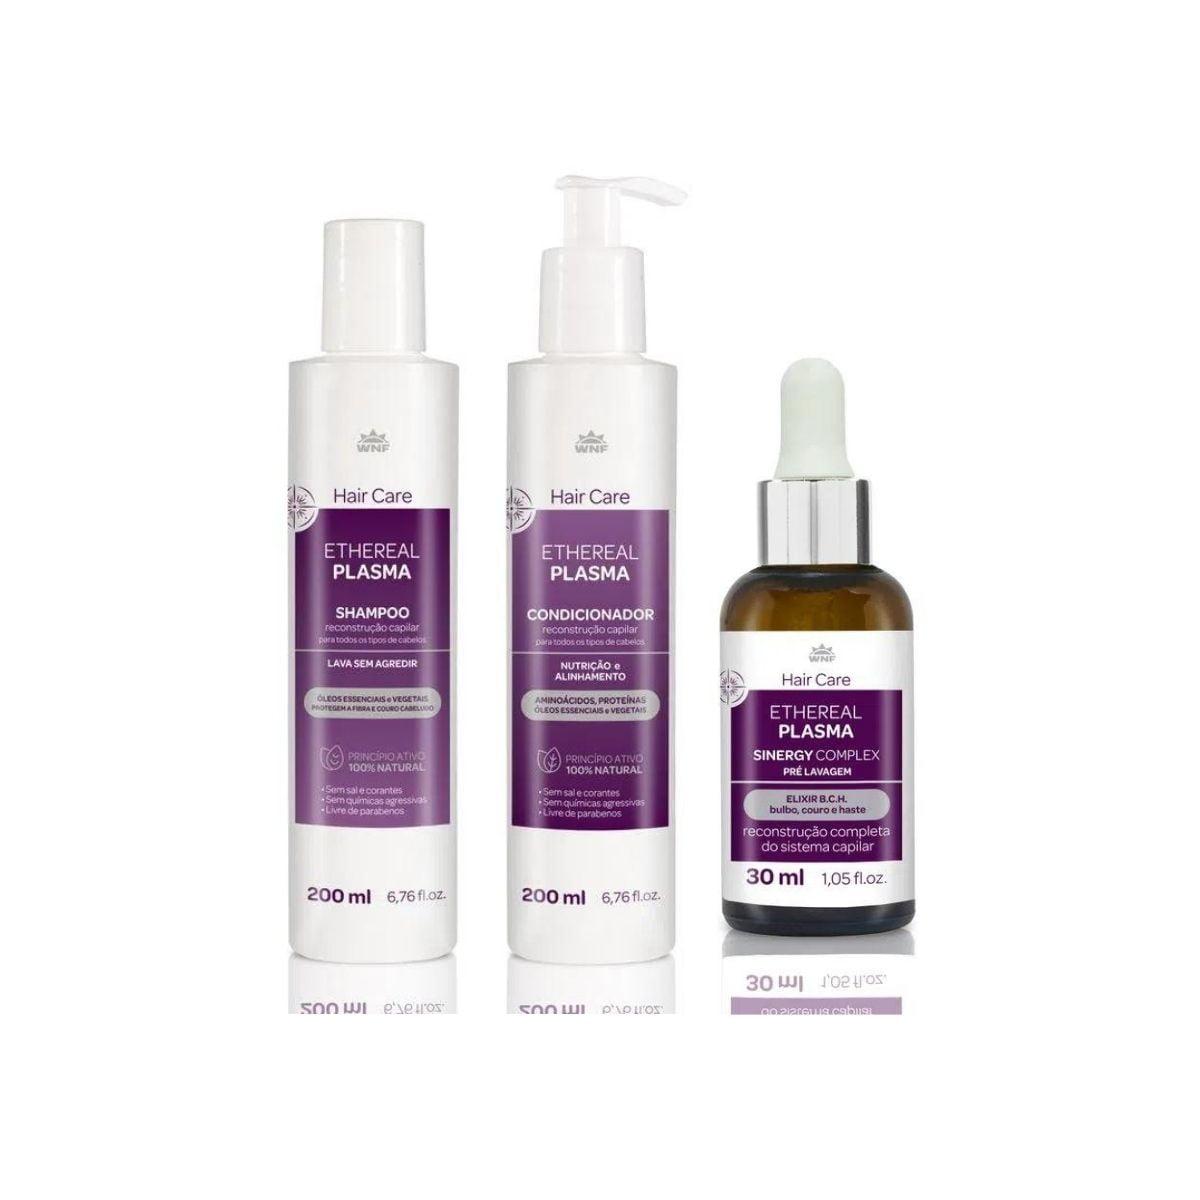 Kit Ethereal Plasma – shampoo, condicionador e Sinergy Complex